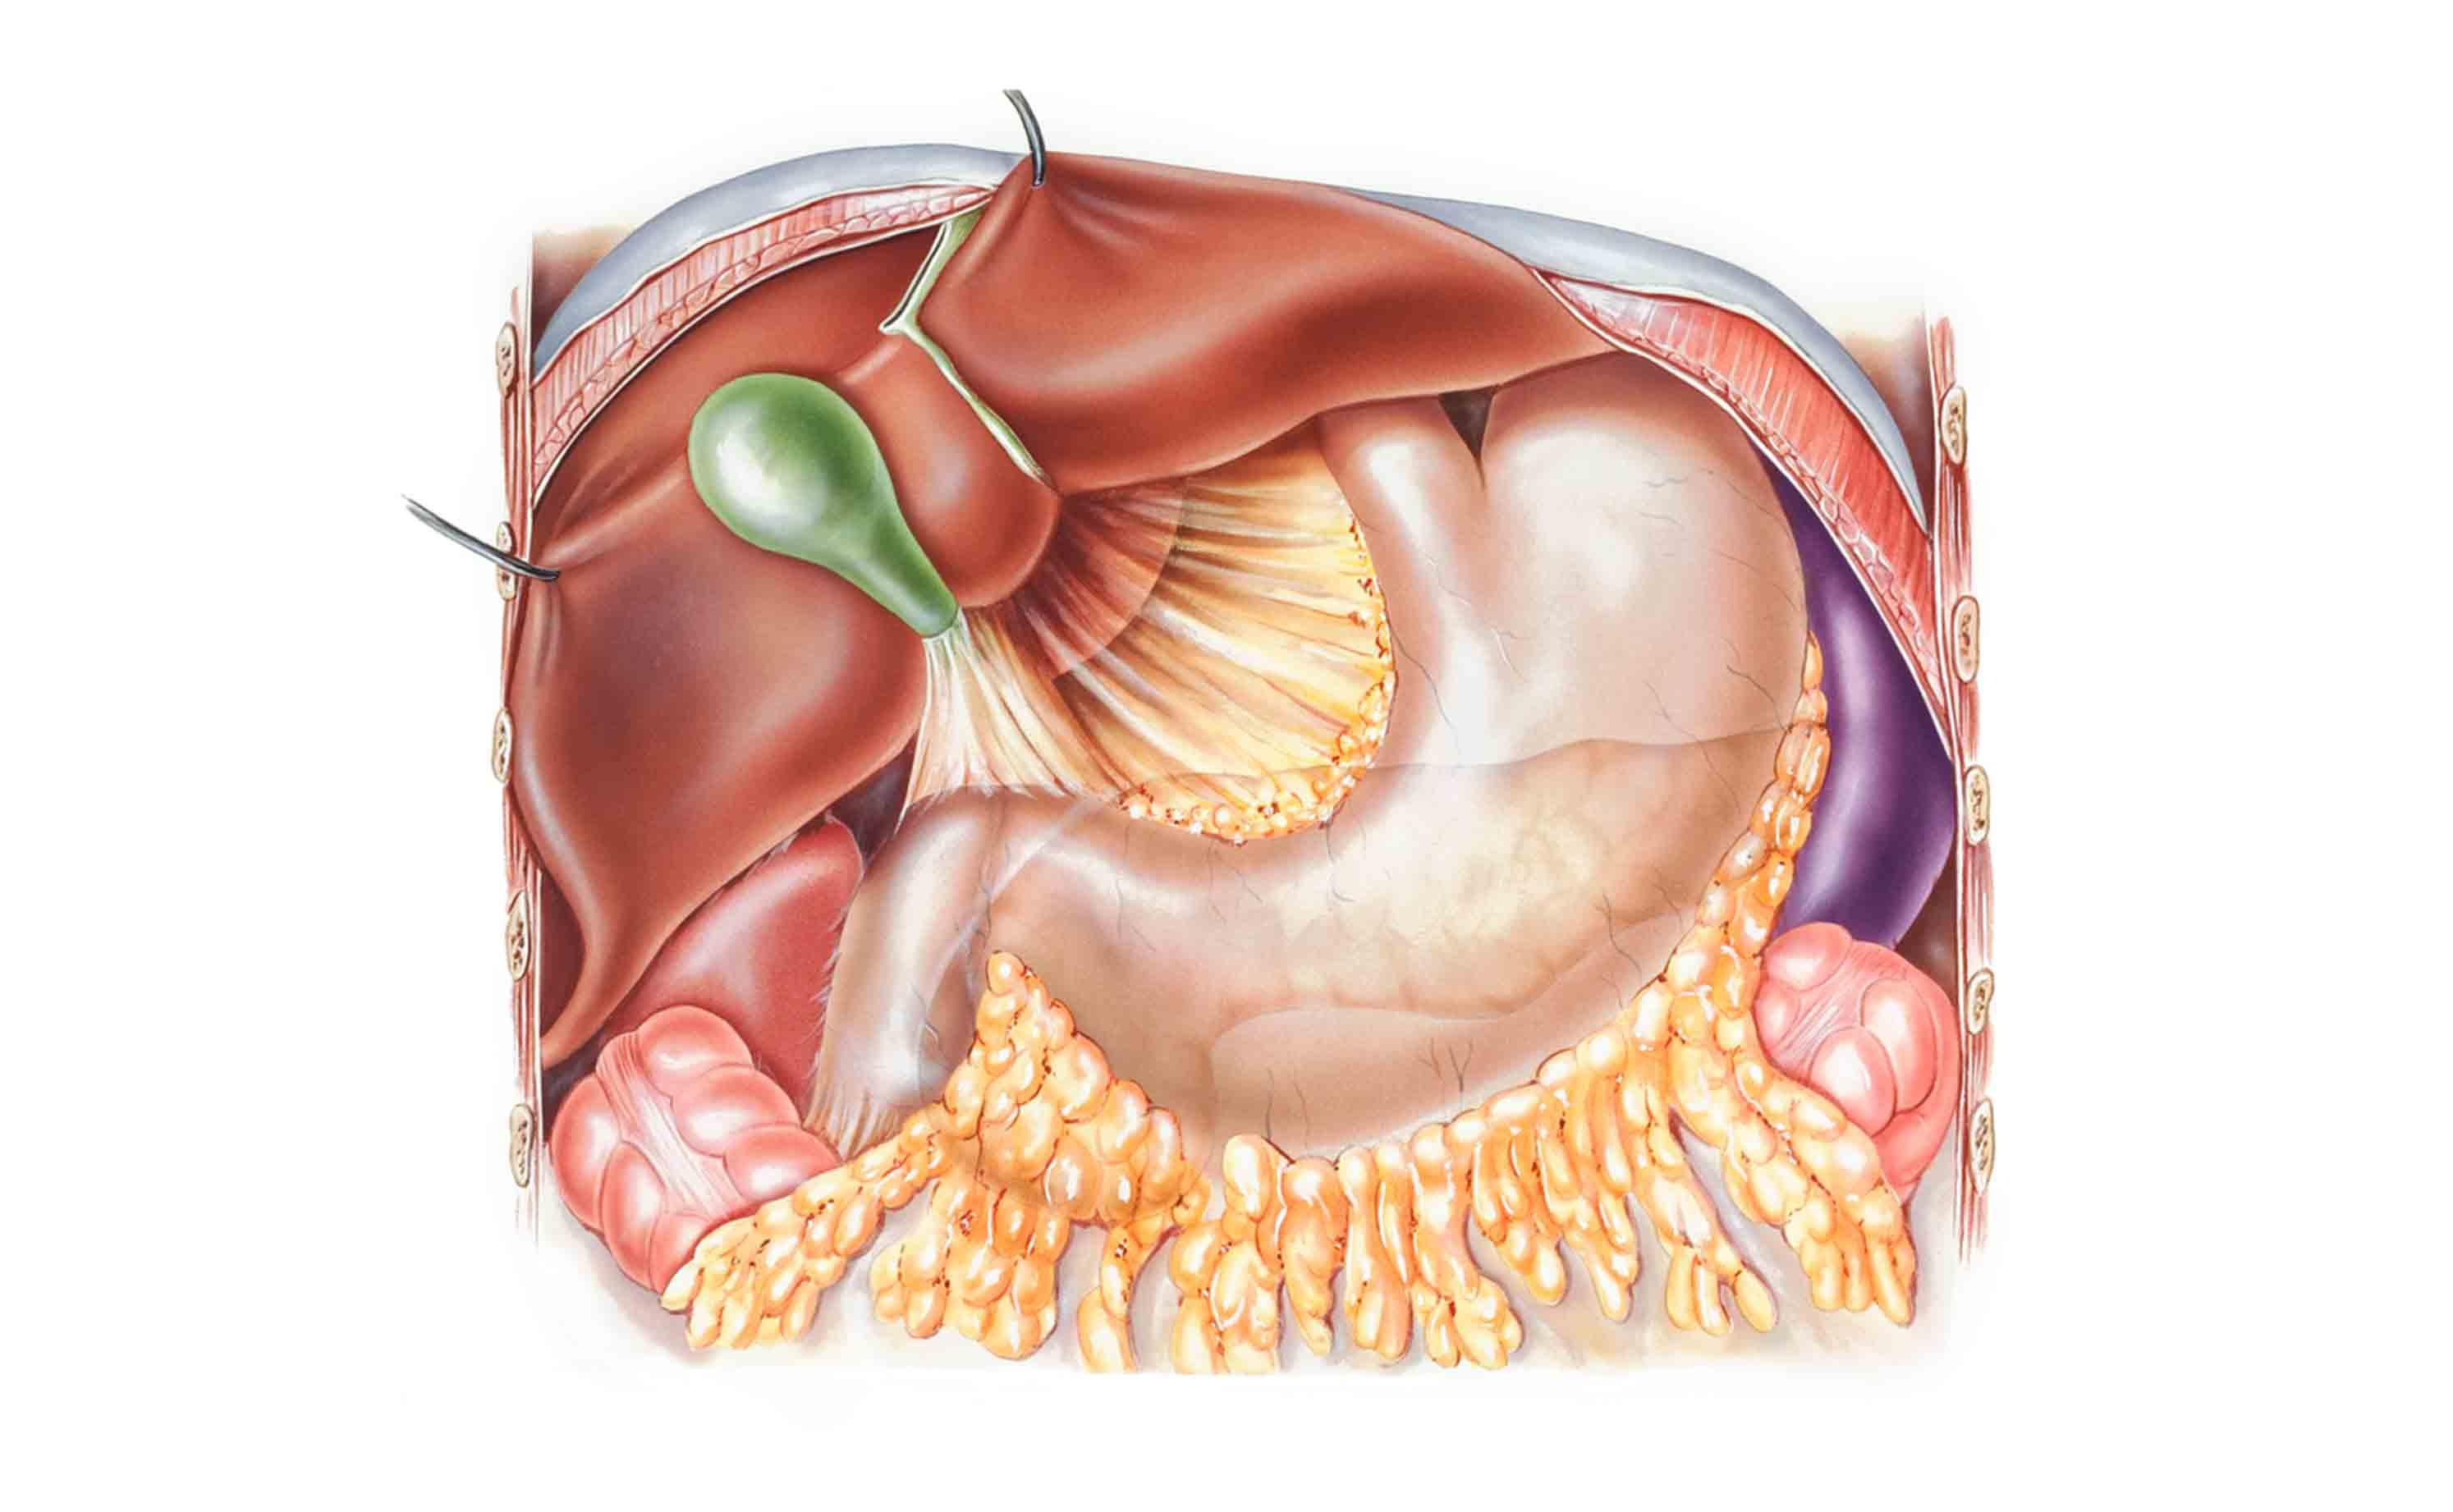 Asombroso Anatomía Región Inguinal Ornamento - PostMetro